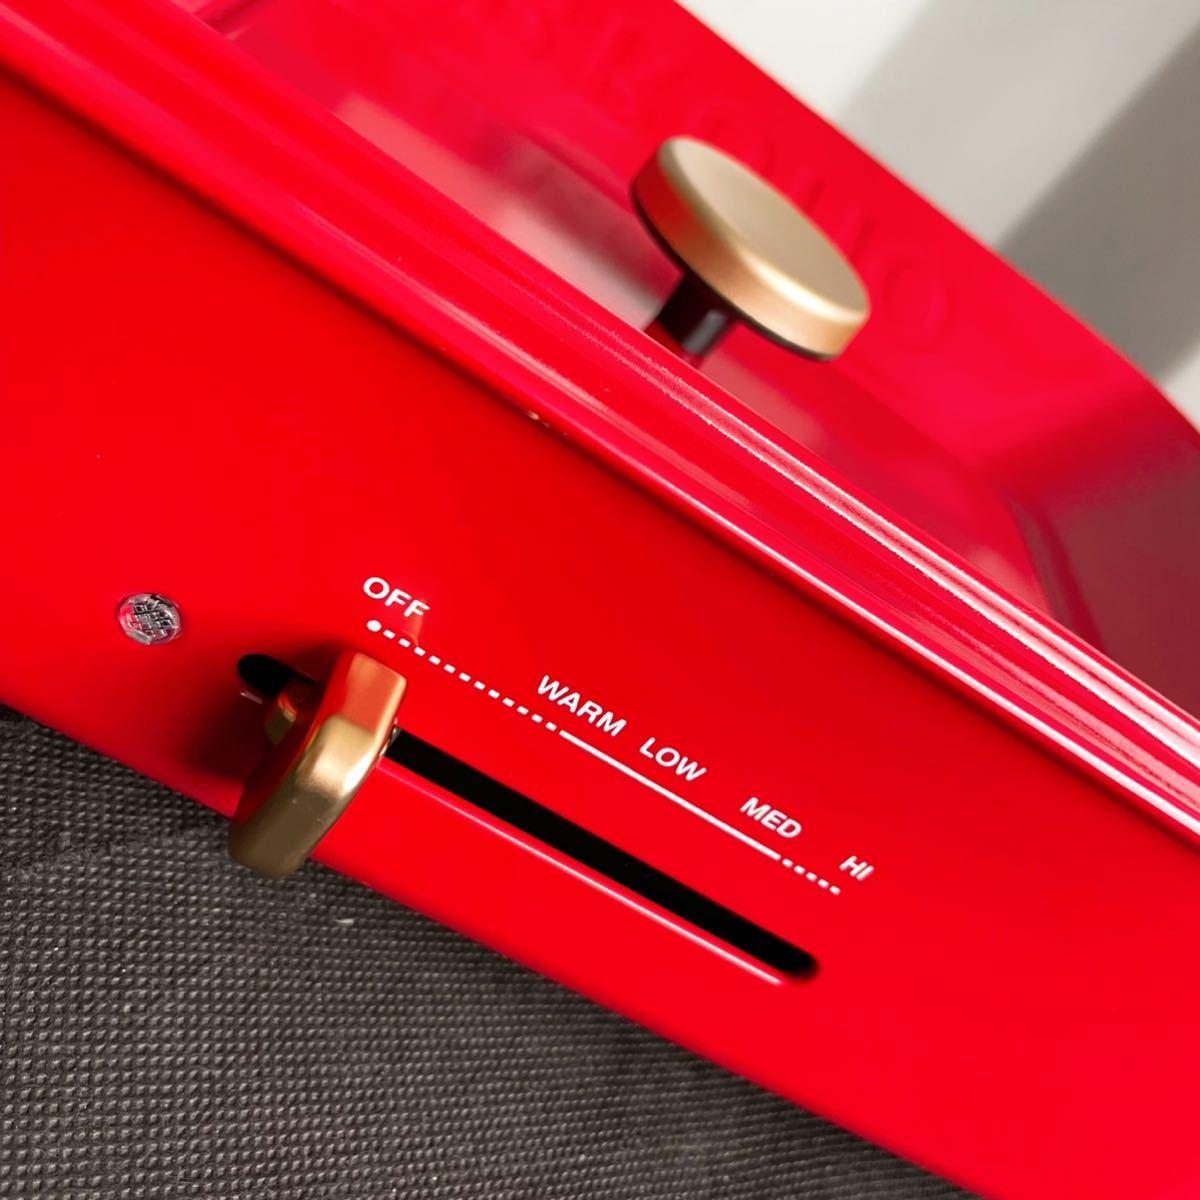 新品! BRUNO ブルーノ コンパクトホットプレート たこ焼き機 お好み焼き機 焼肉機 鉄板 調理機器 レッド ヒーター分離式 BOE021_画像7